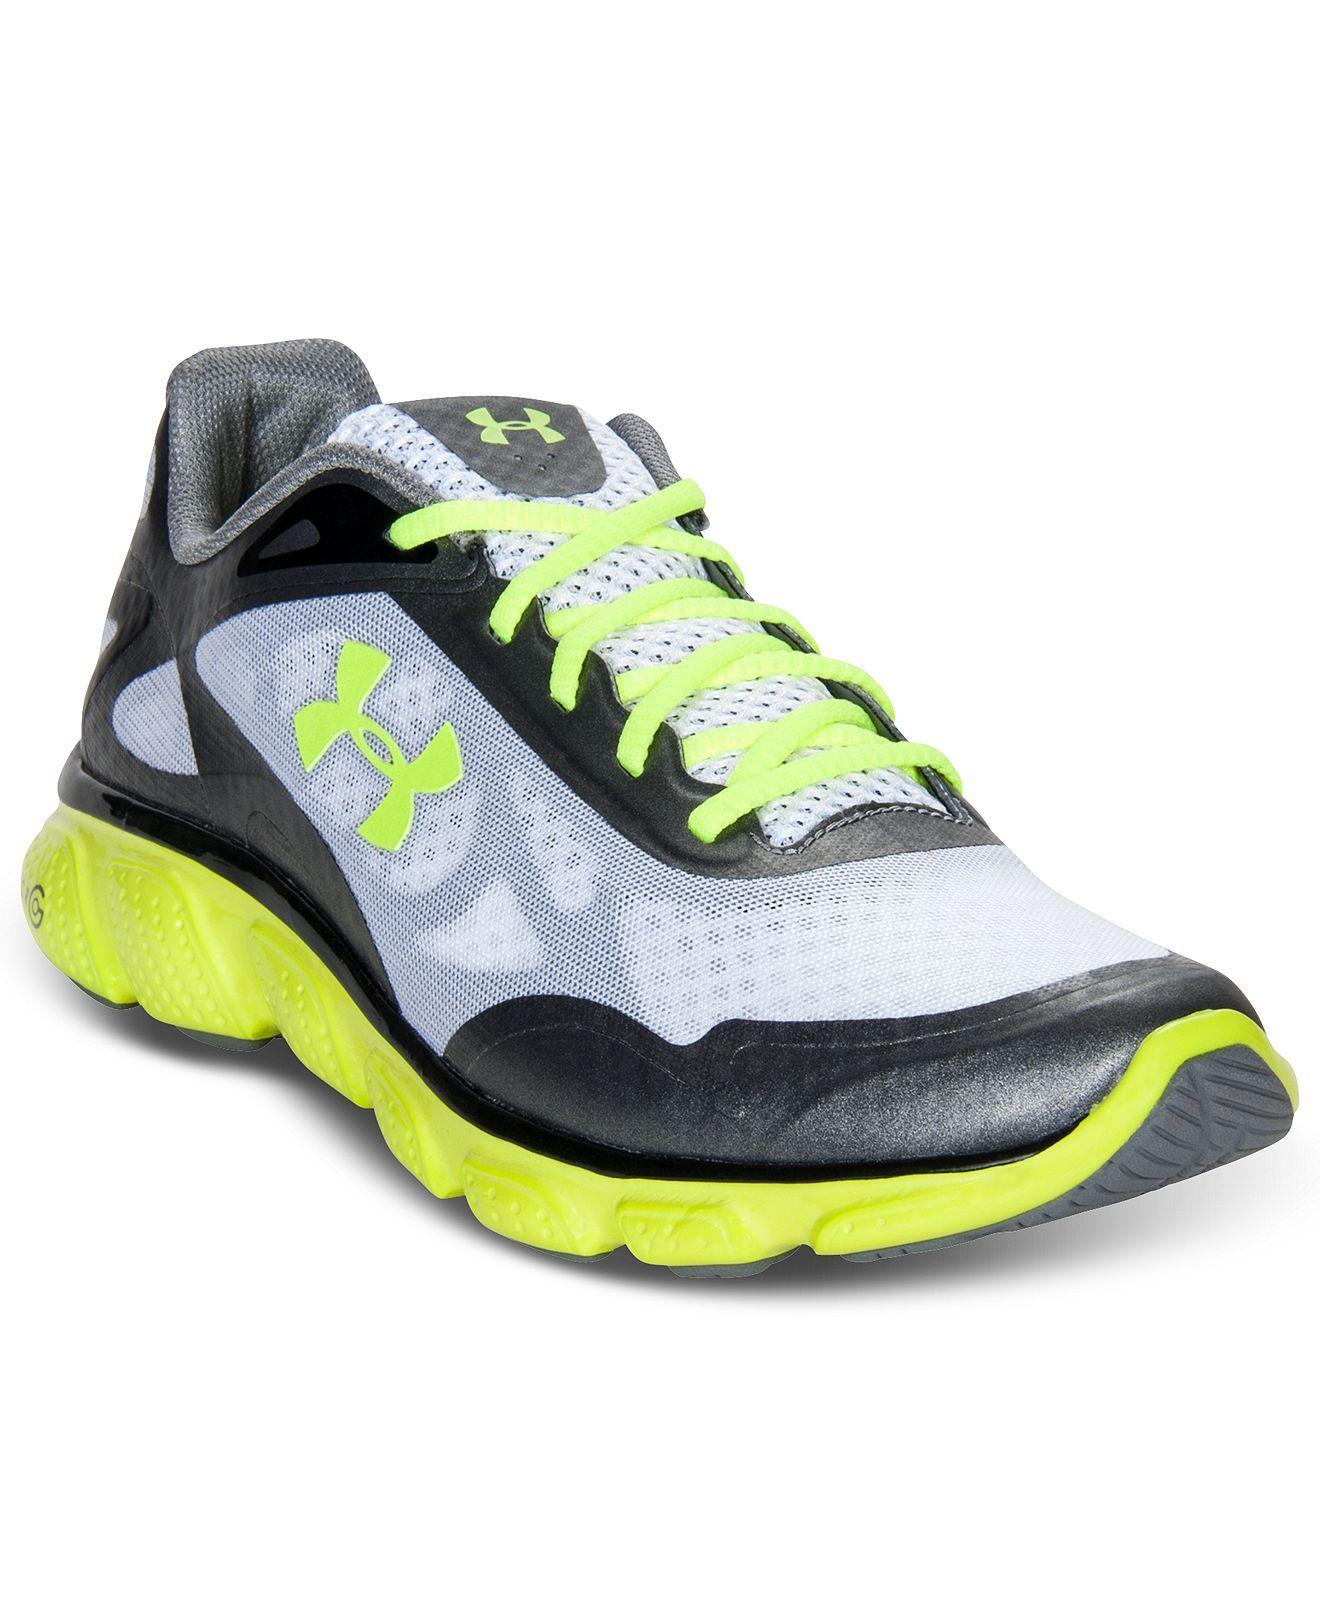 1886ce37429 Under Armour Men s Shoes